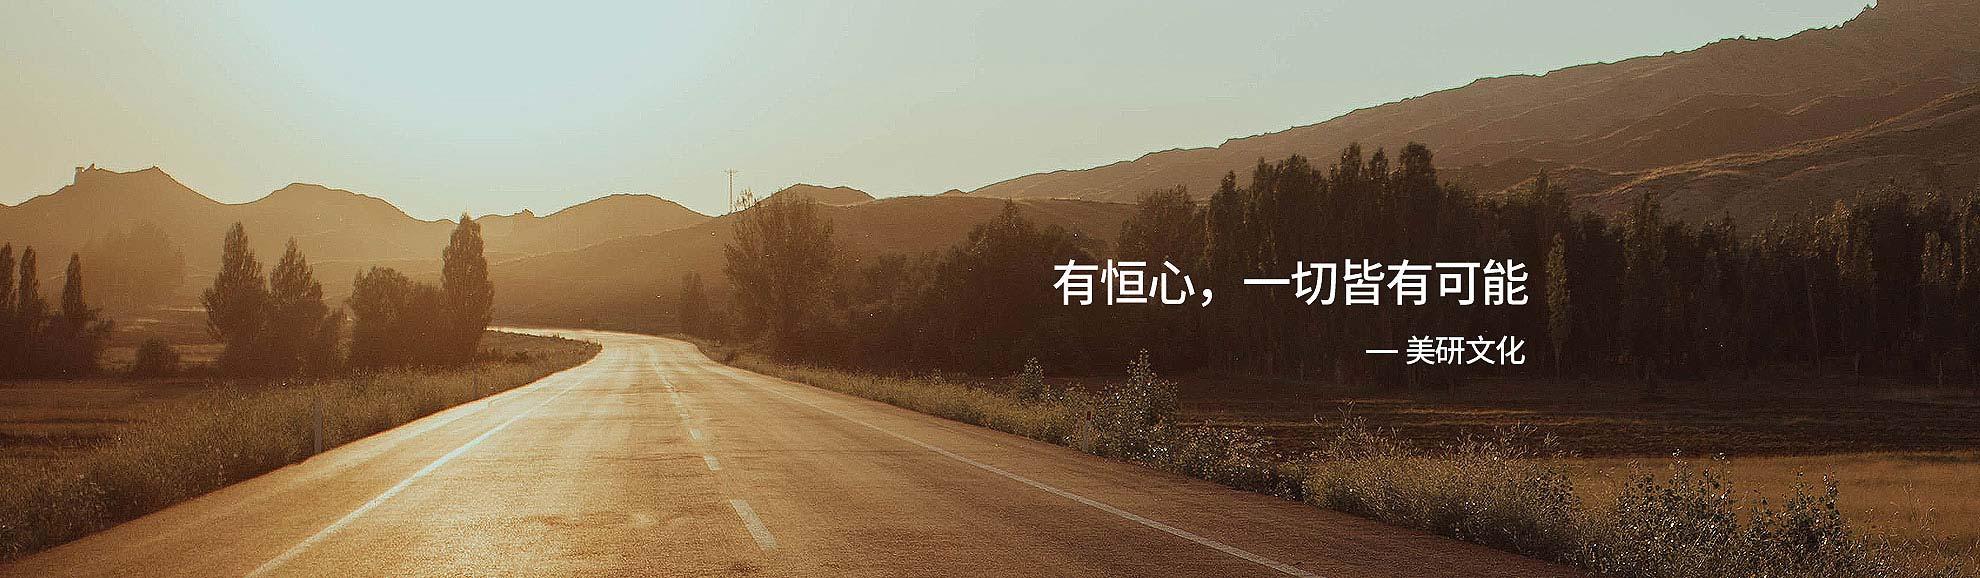 美研banner-4